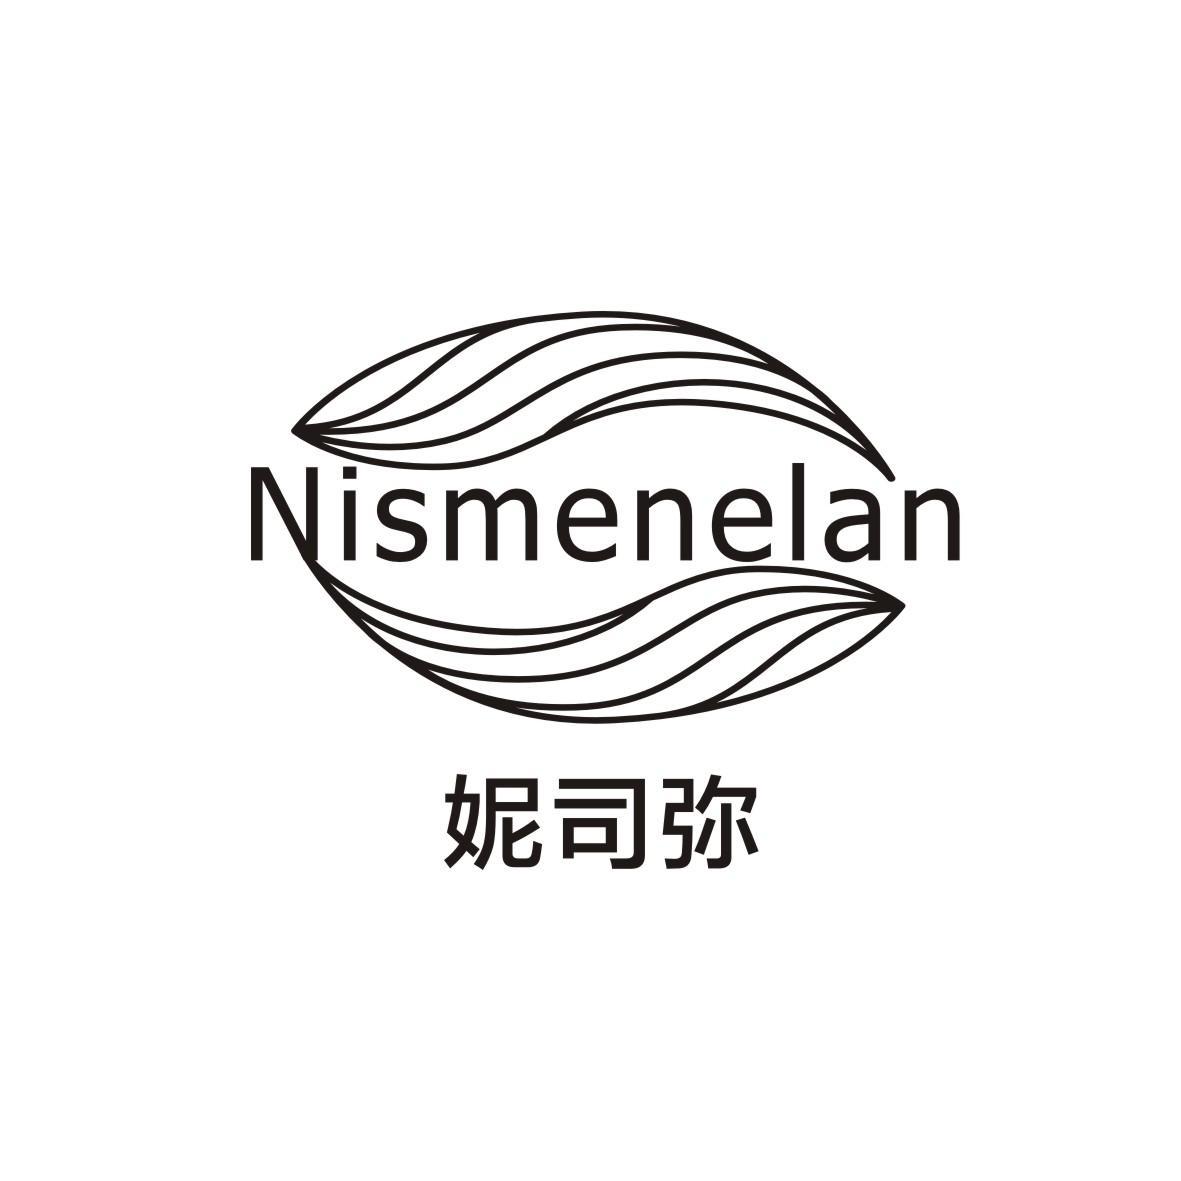 妮司弥 NISMENELAN